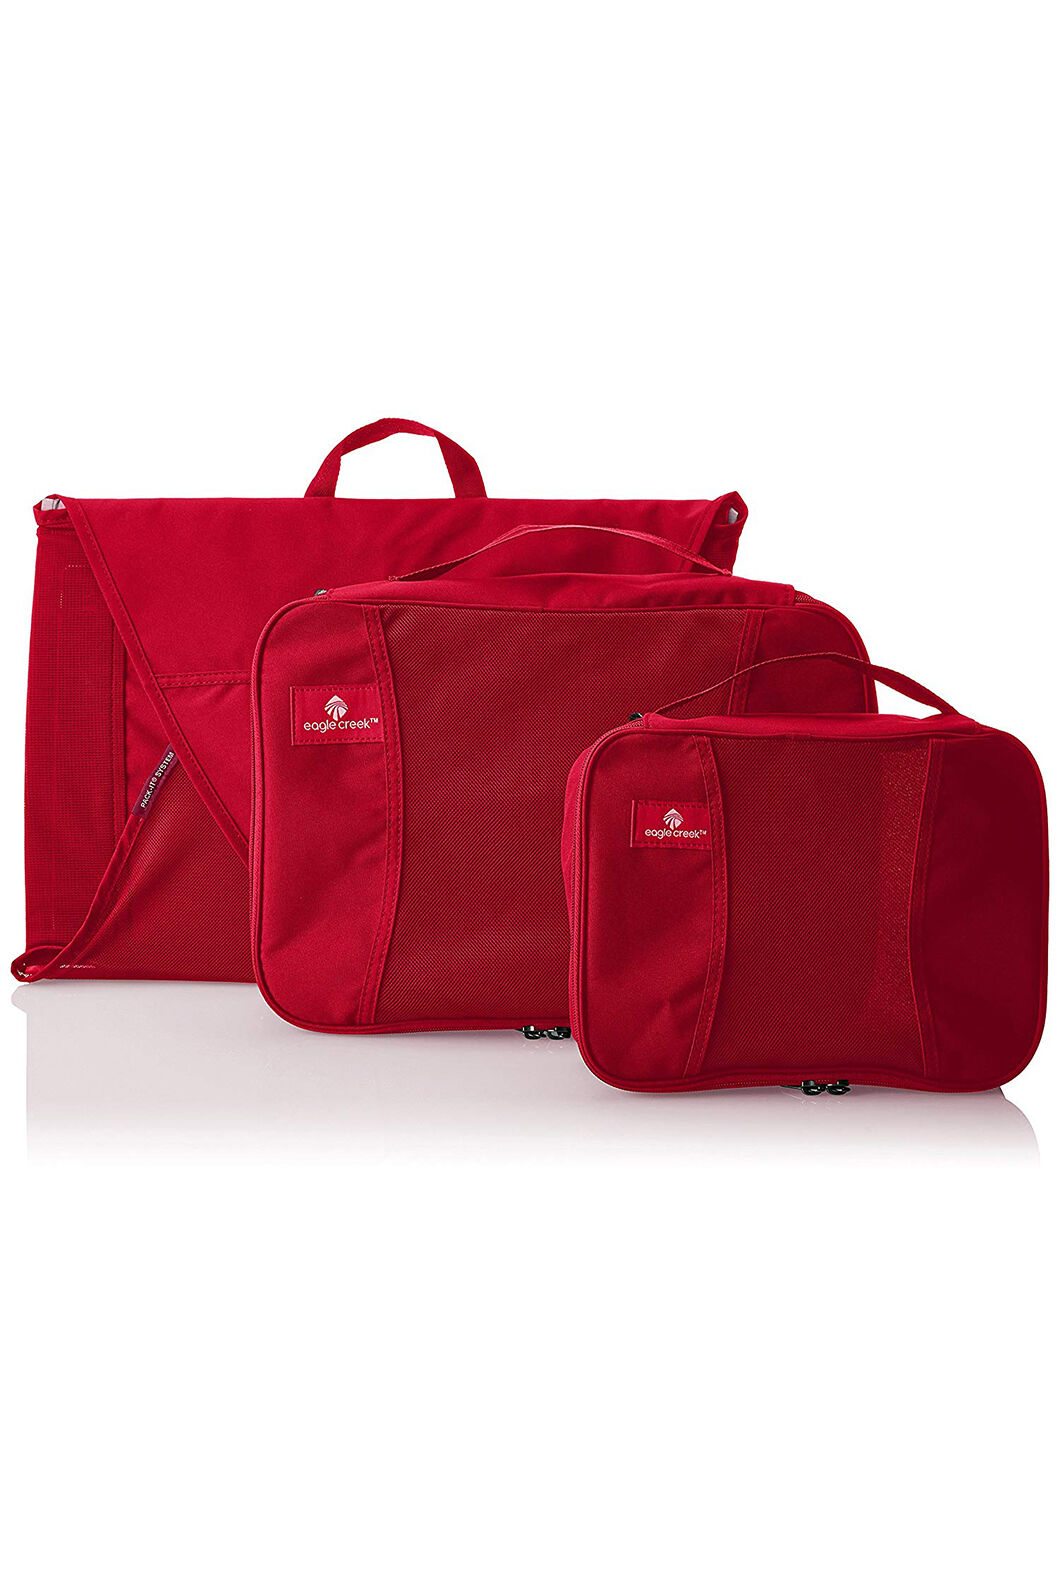 Eagle Creek Pack-It Starter Set, RED FIRE, hi-res